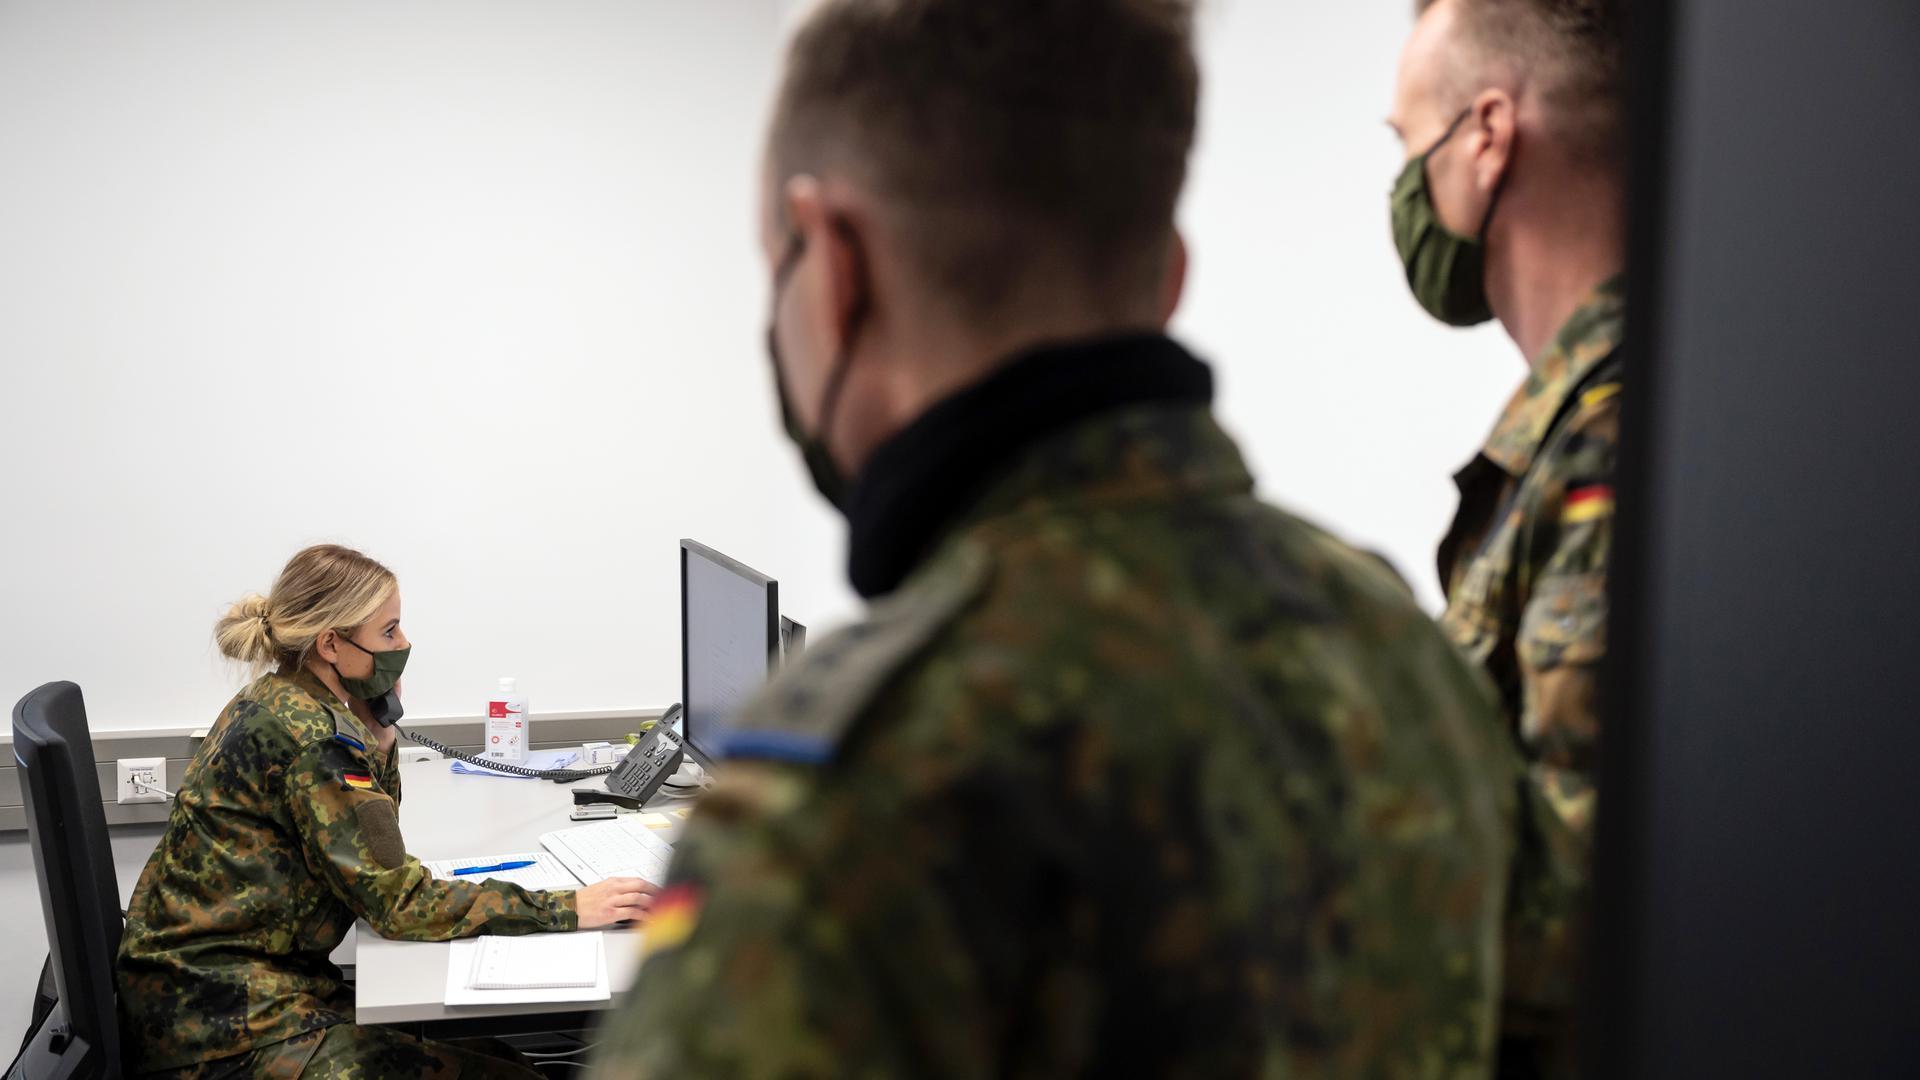 Bundeswehrsoldaten in einem Büro beim Telefonieren.